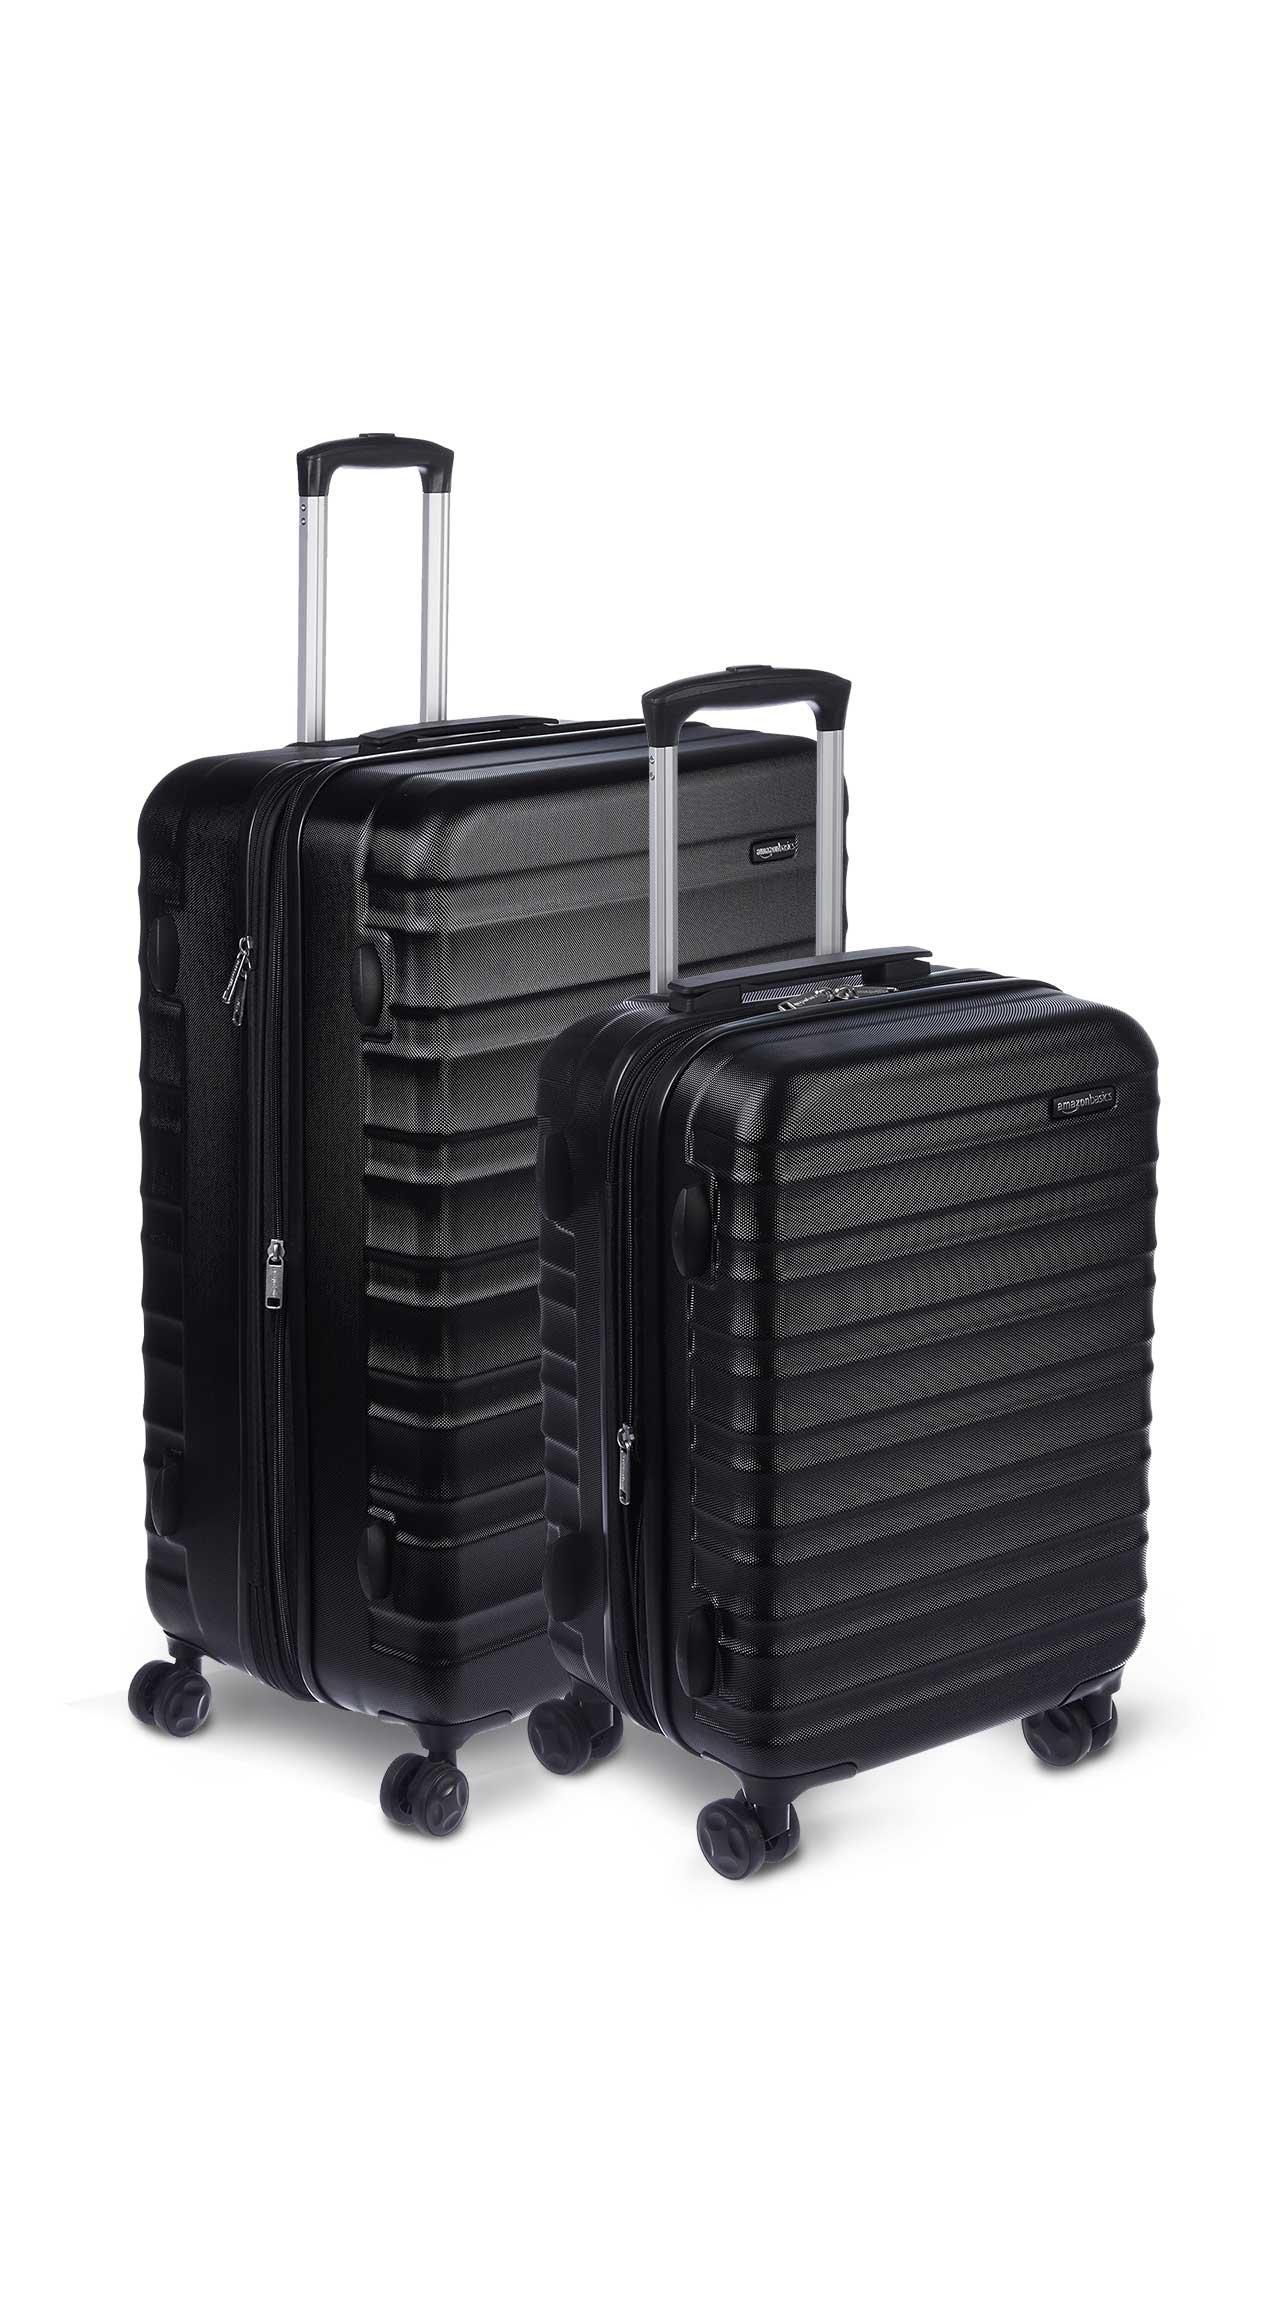 AmazonBasics Hardside Spinner Luggage - 2 Piece Set (20'', 28''), Black